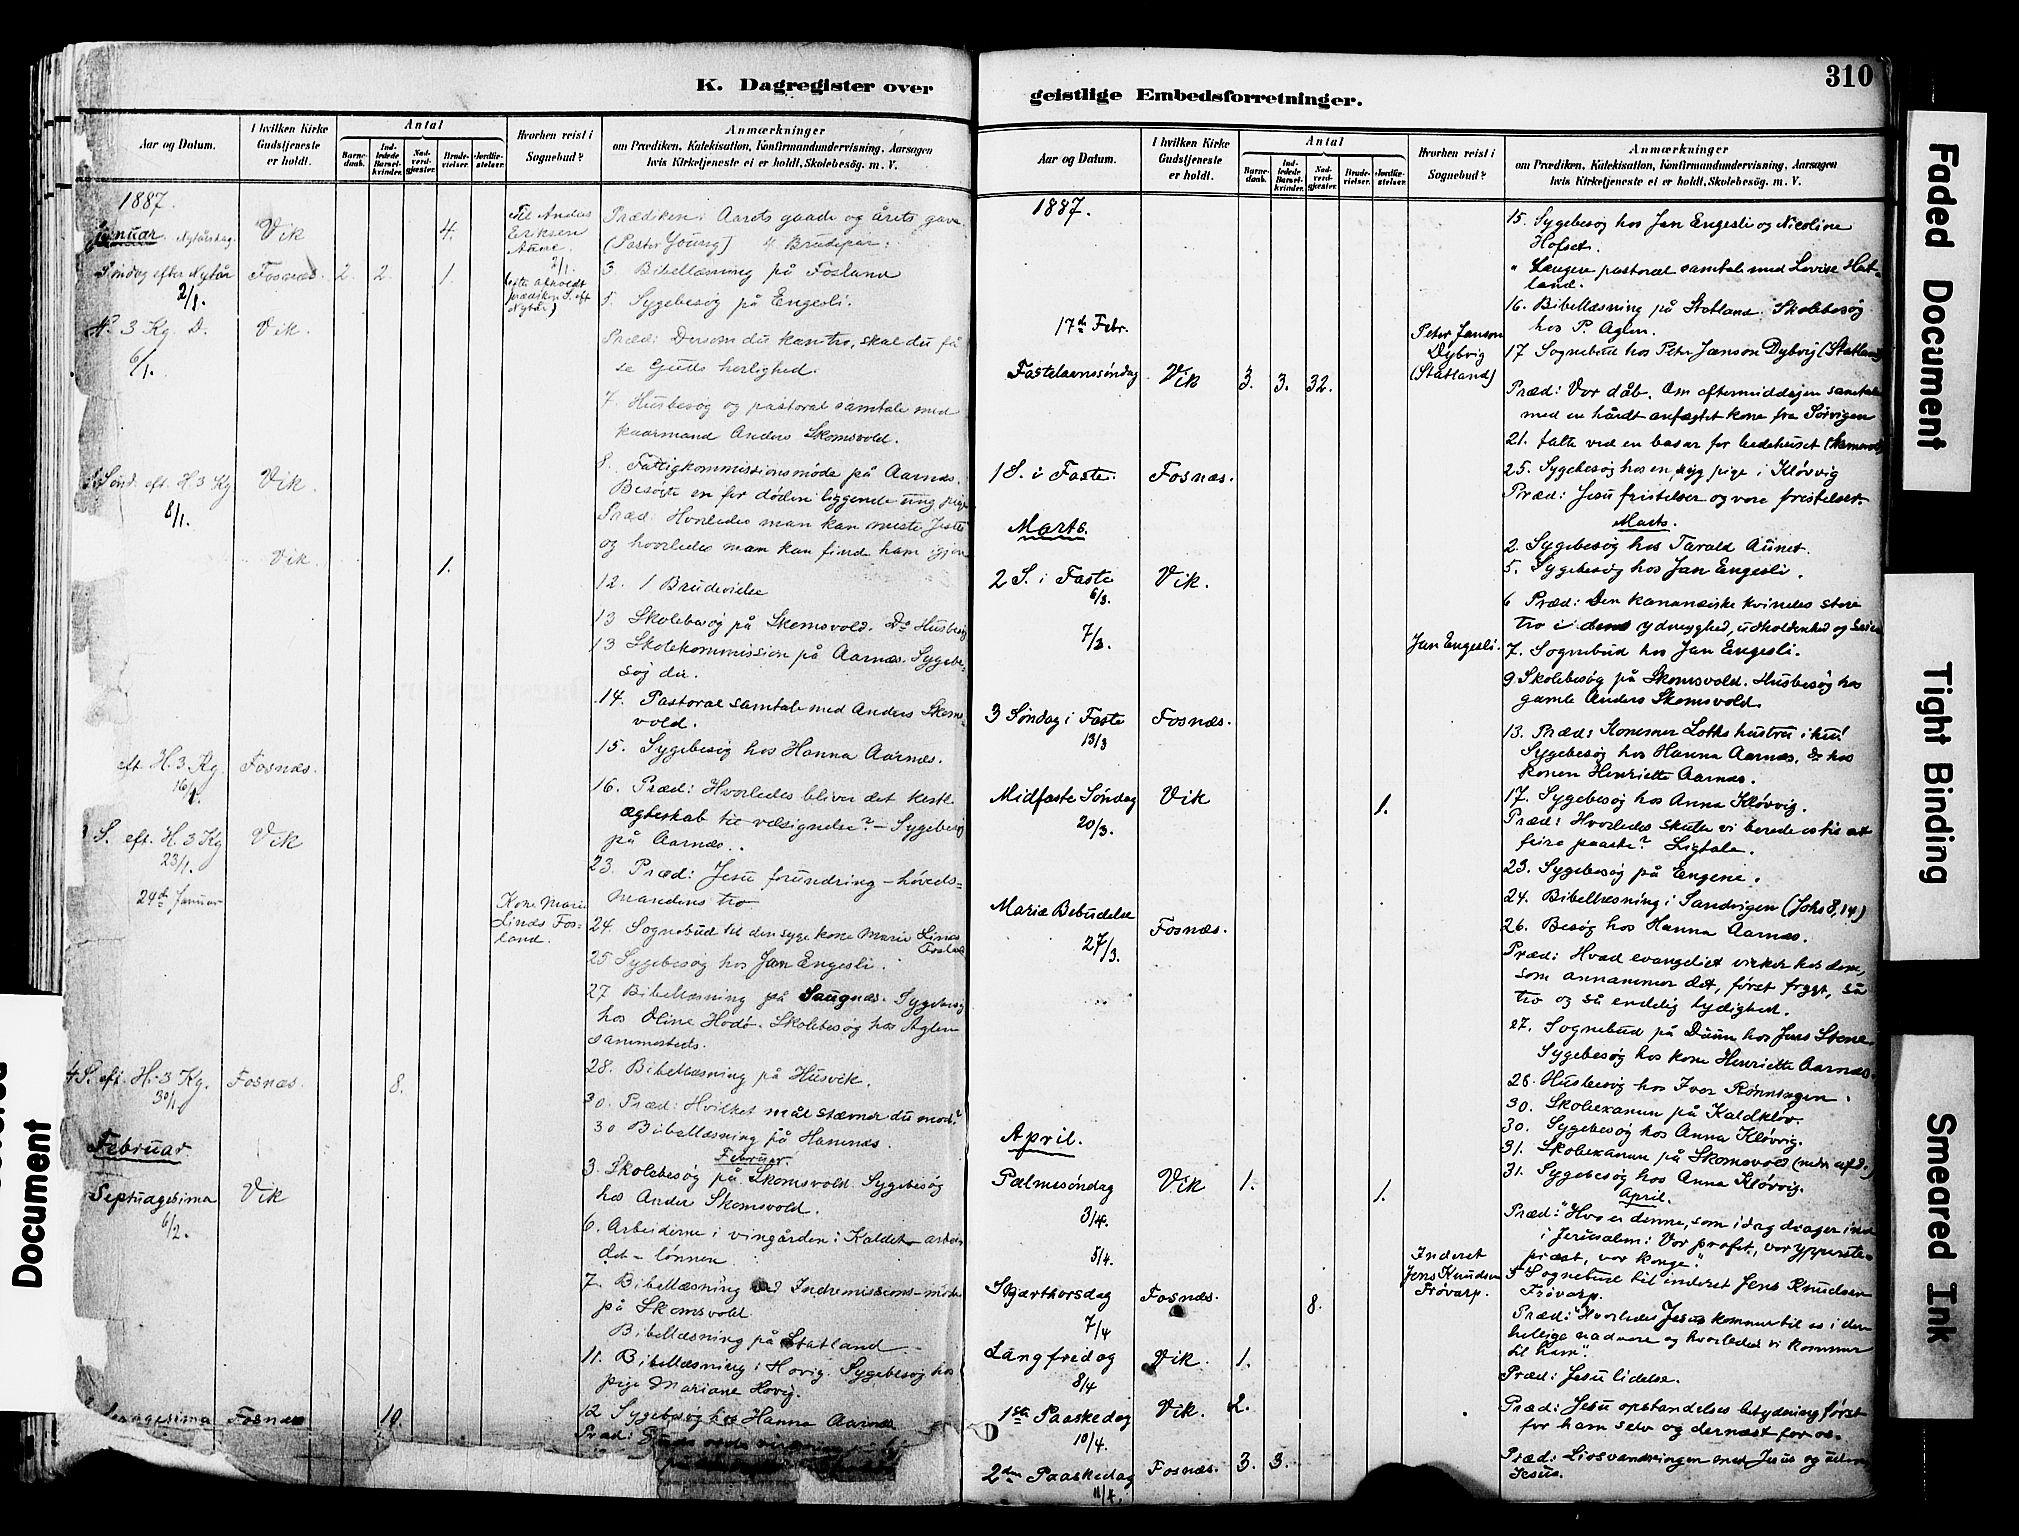 SAT, Ministerialprotokoller, klokkerbøker og fødselsregistre - Nord-Trøndelag, 774/L0628: Ministerialbok nr. 774A02, 1887-1903, s. 310